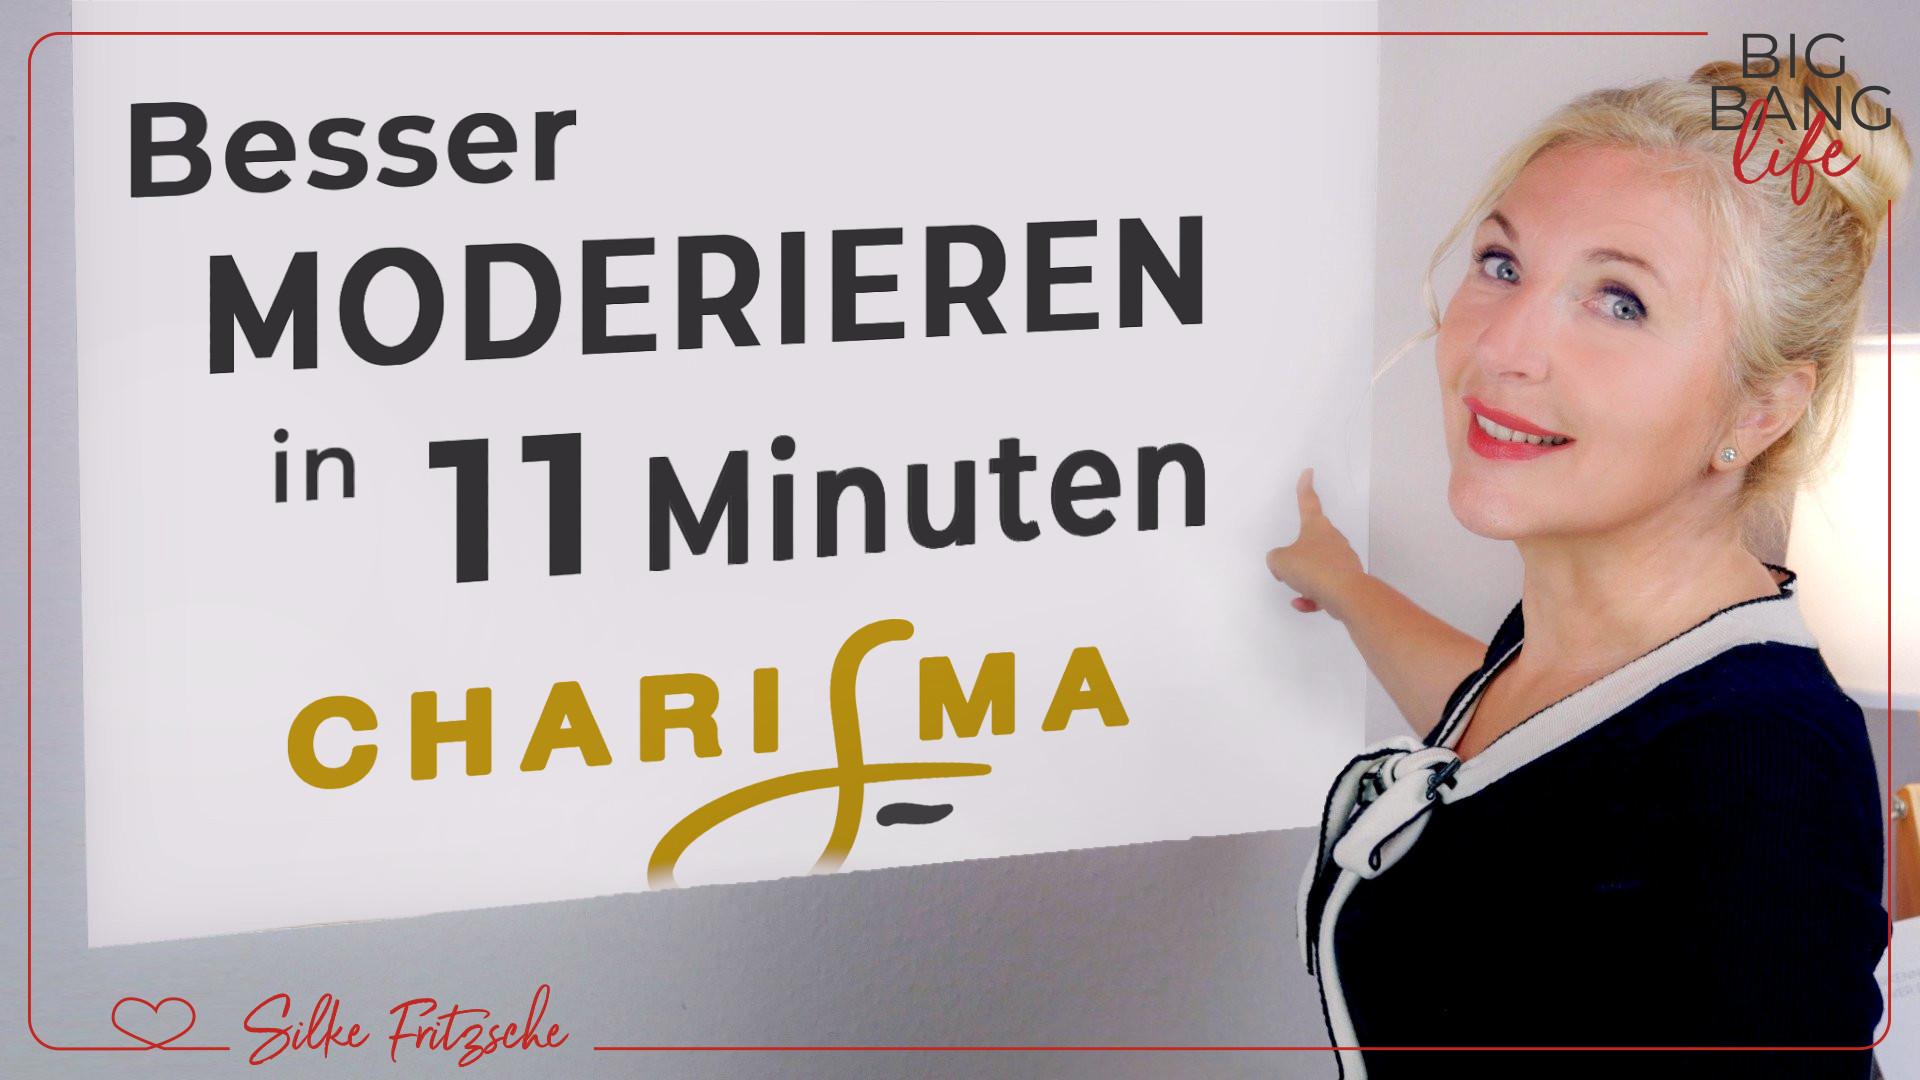 Besser moderieren in 11 Minuten – Charisma4Business®